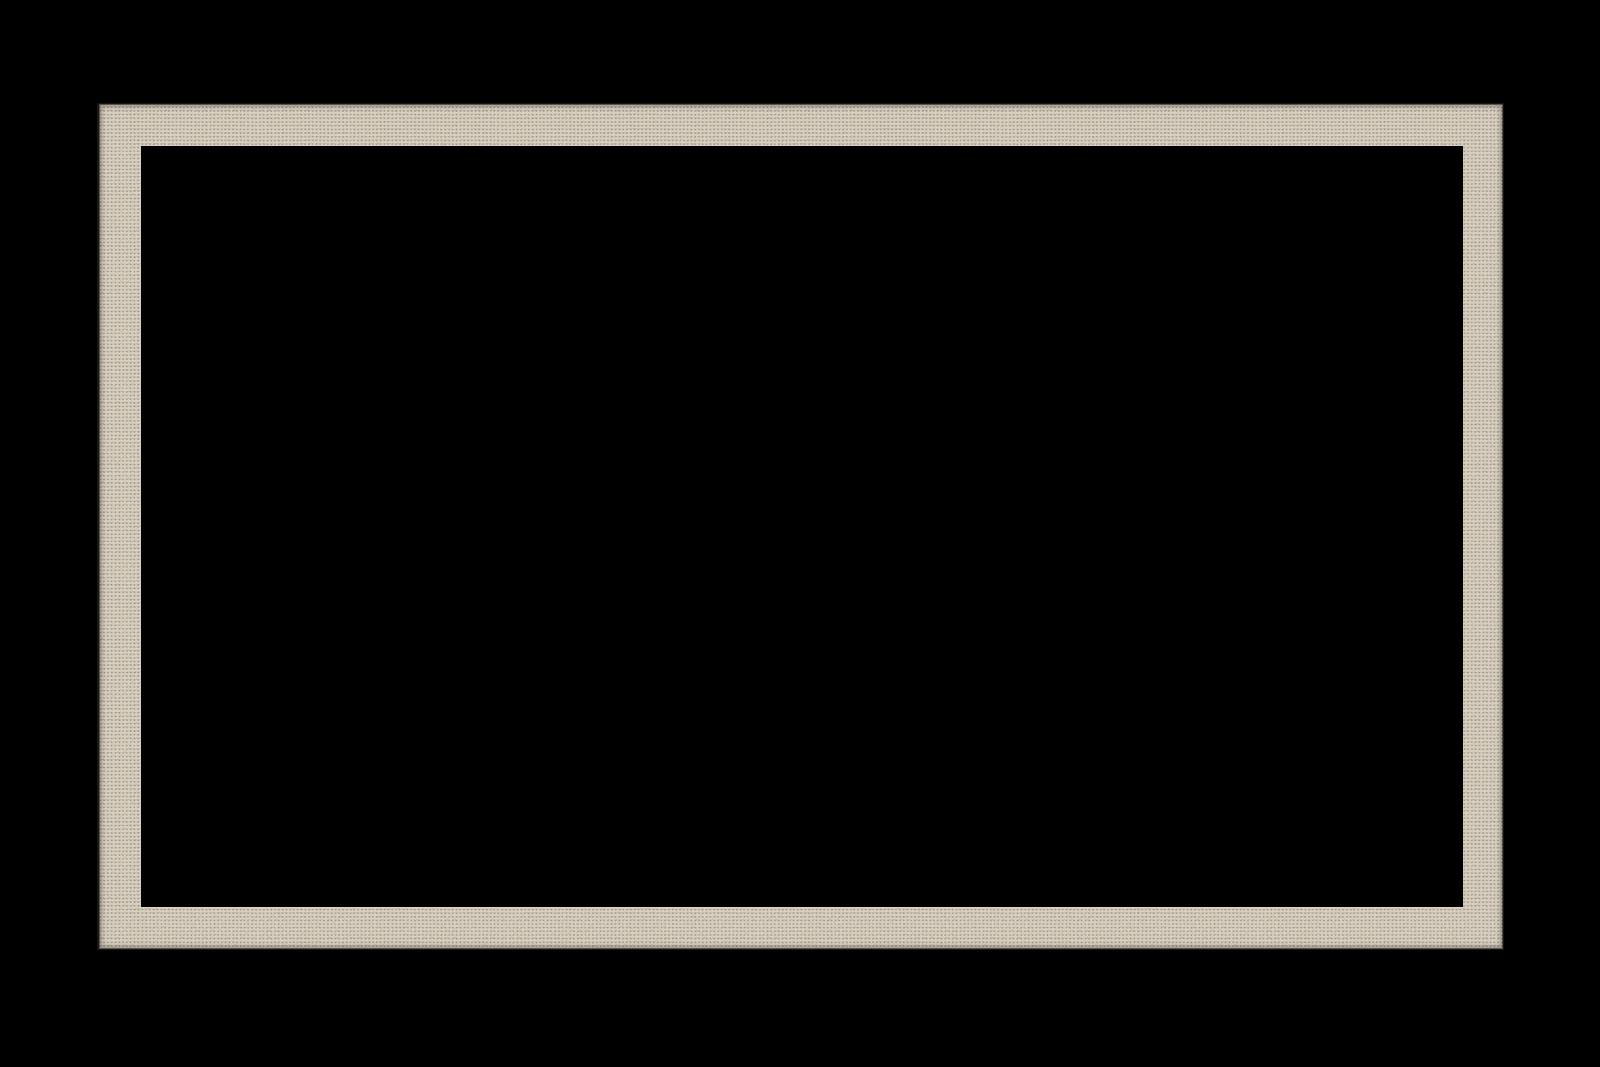 Design your custom source. Tv frame png